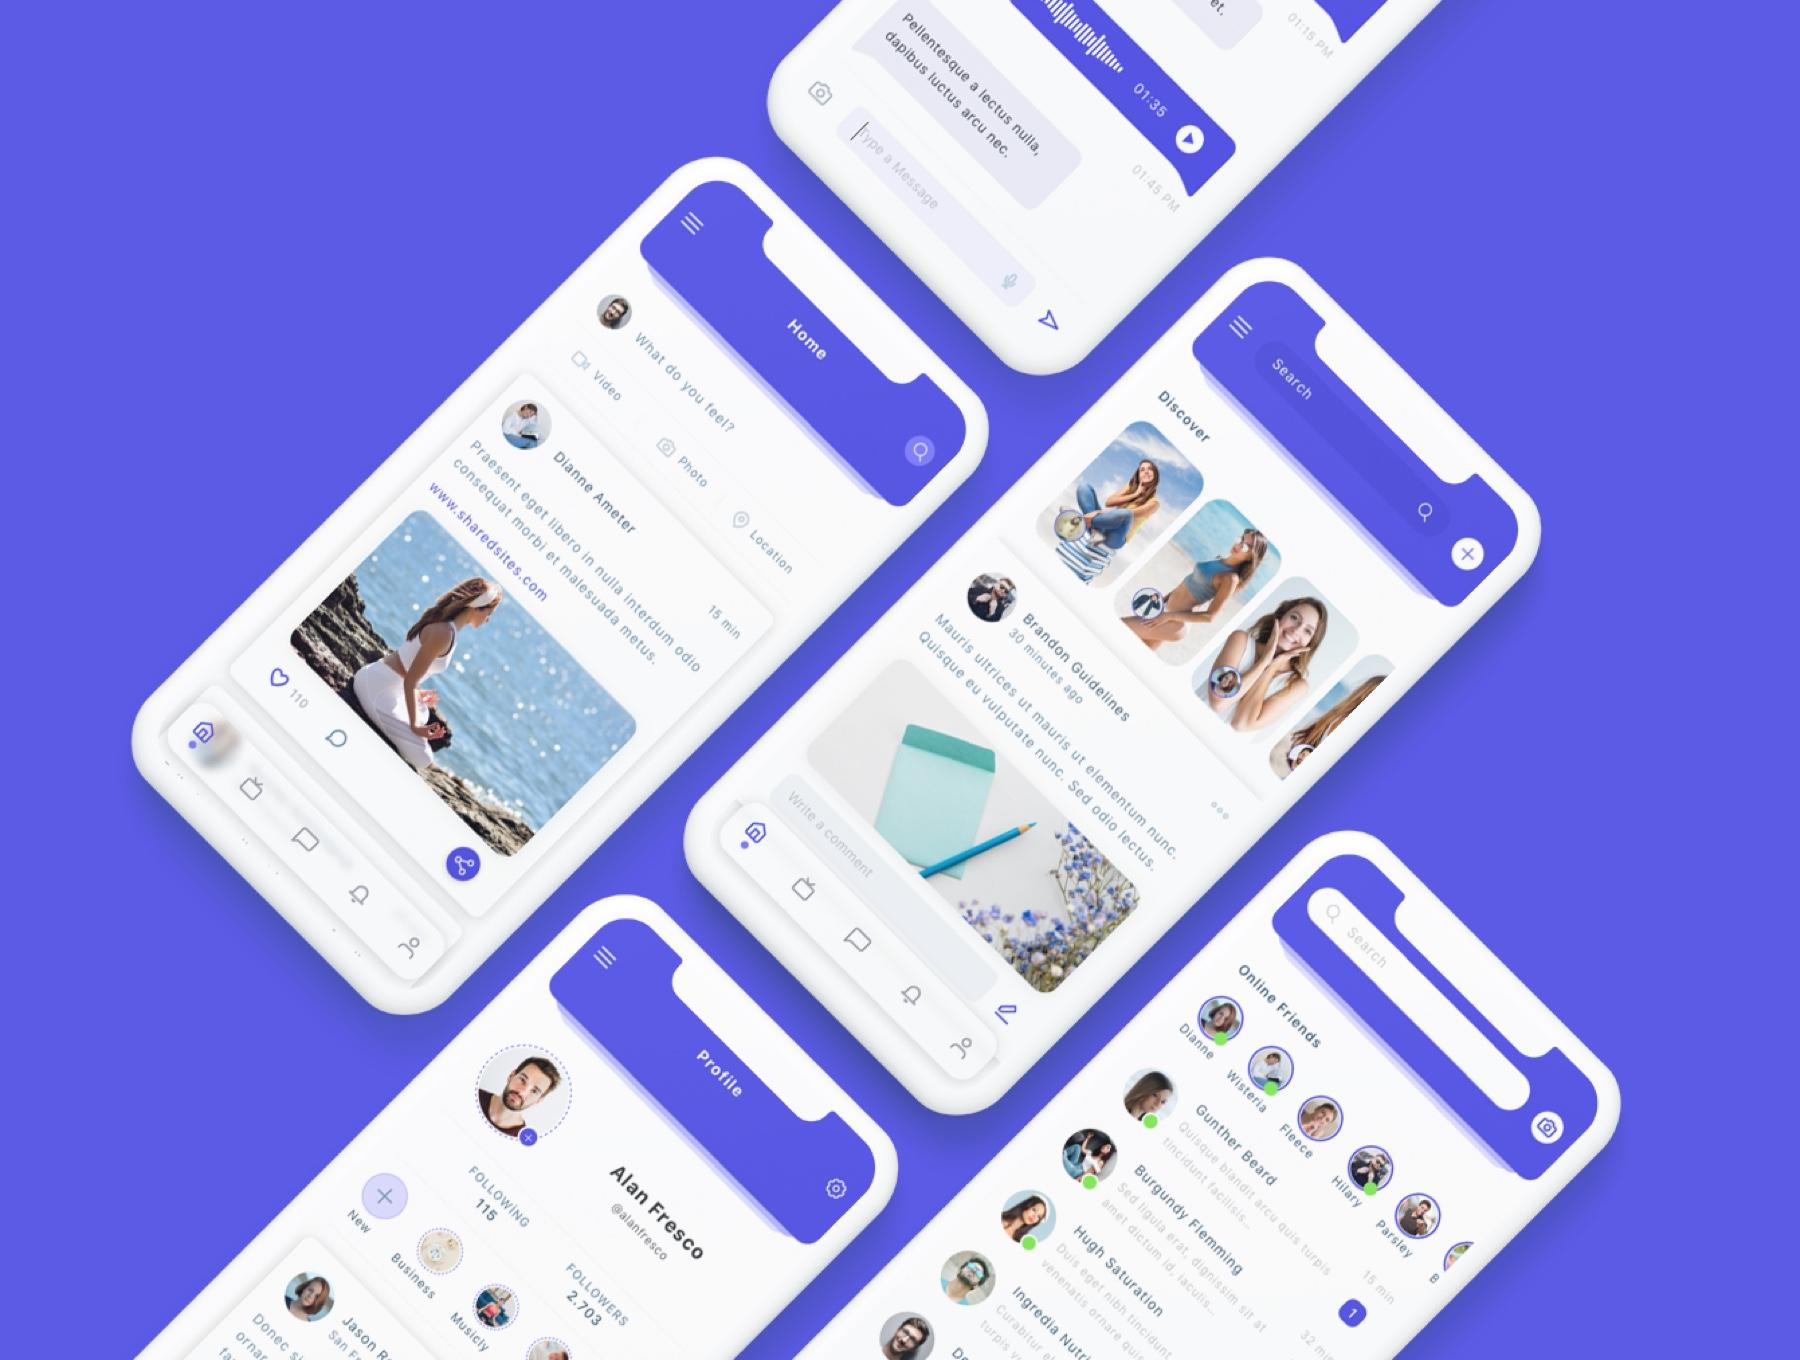 交友社交APP应用界面社交UI套件 Susen – Social Network App UI Kit插图(5)